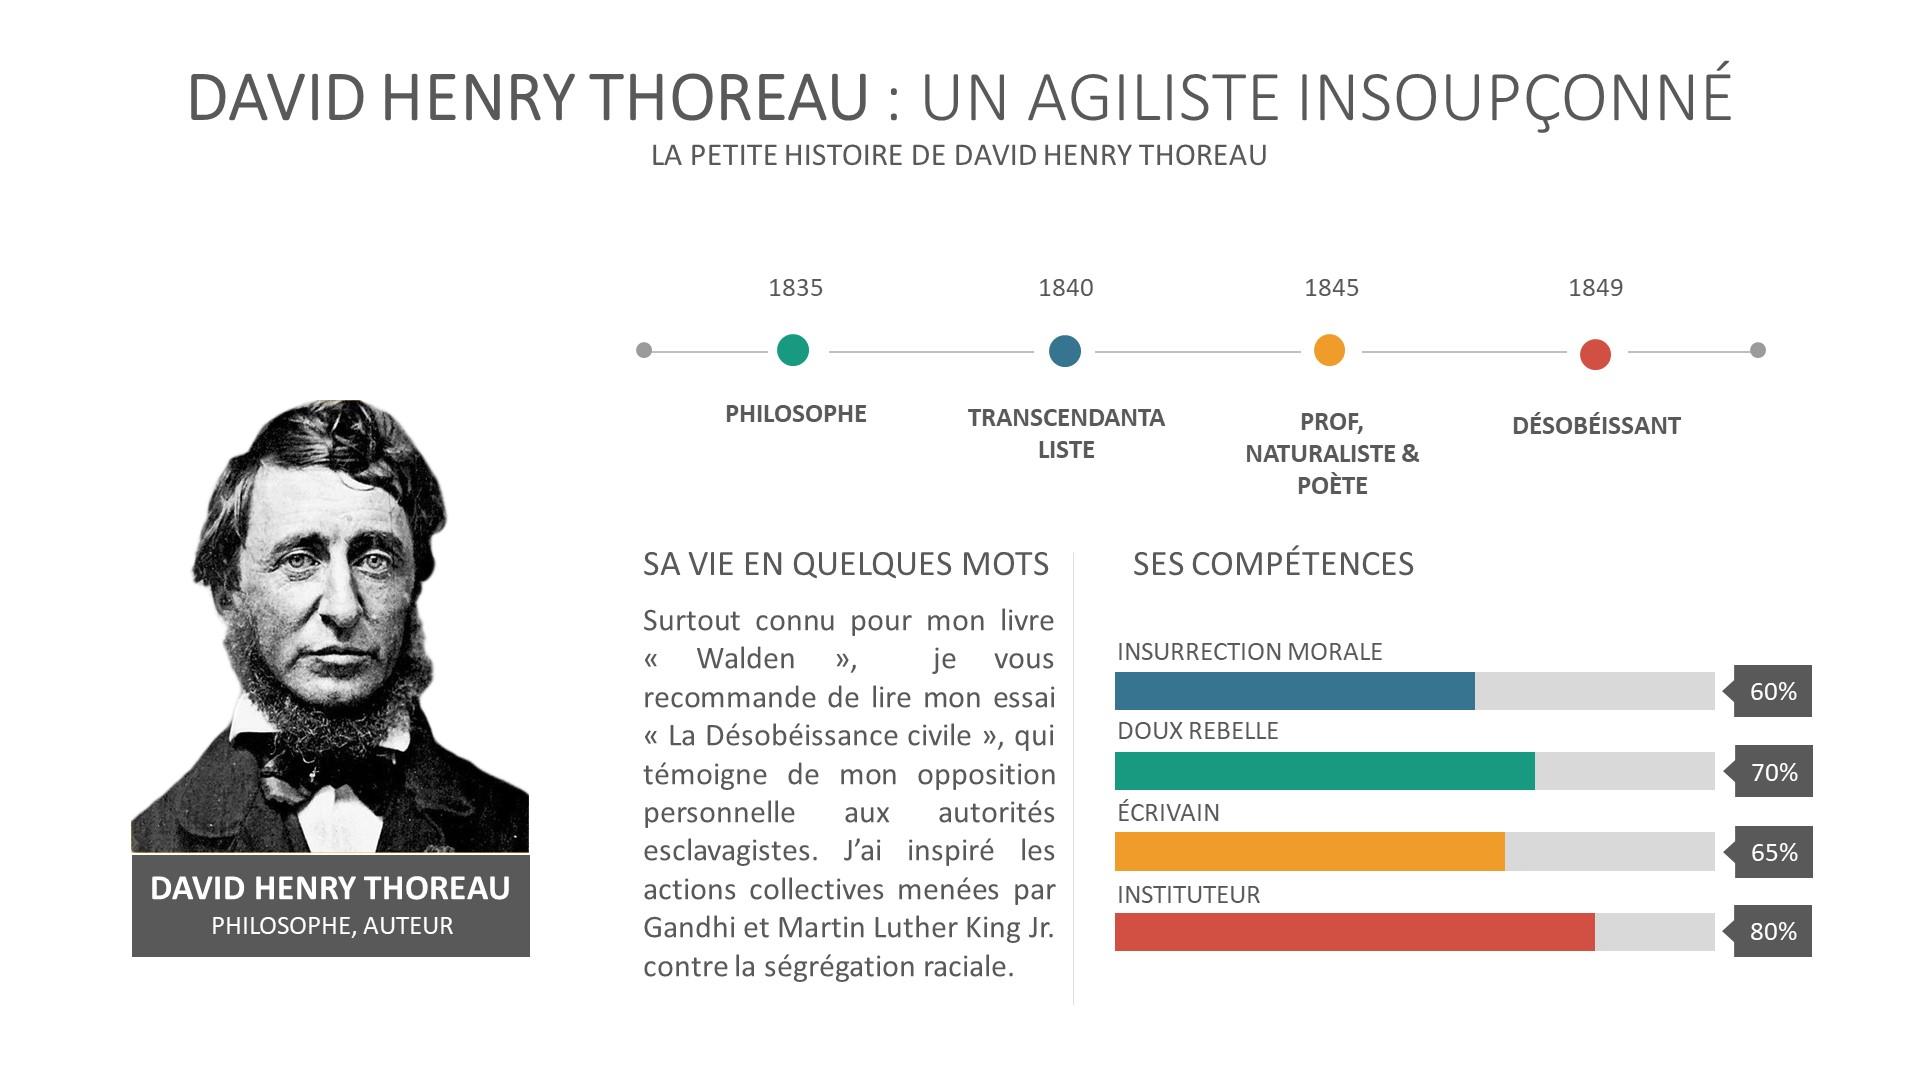 David Henry Thoreau